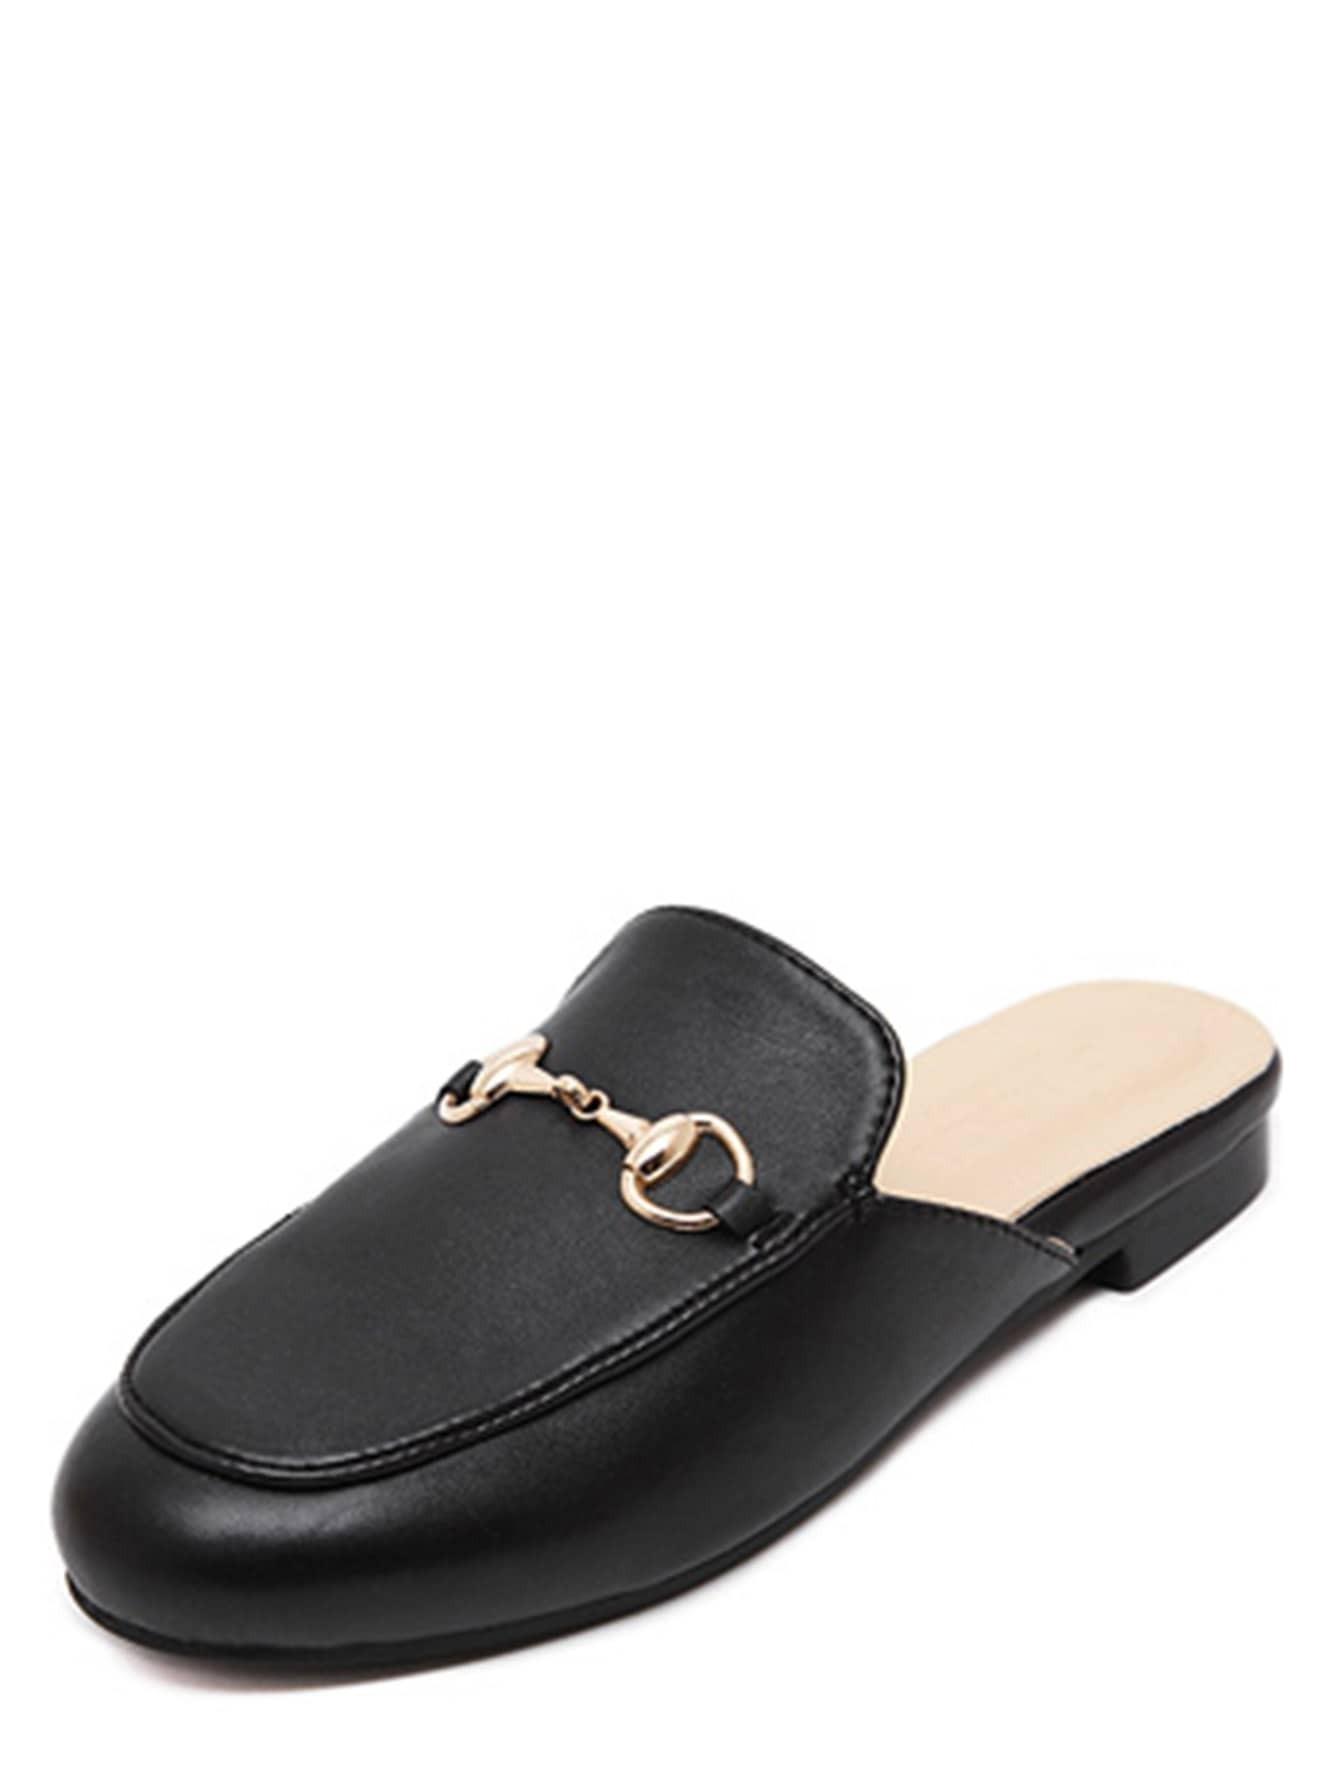 shoes161011803_2